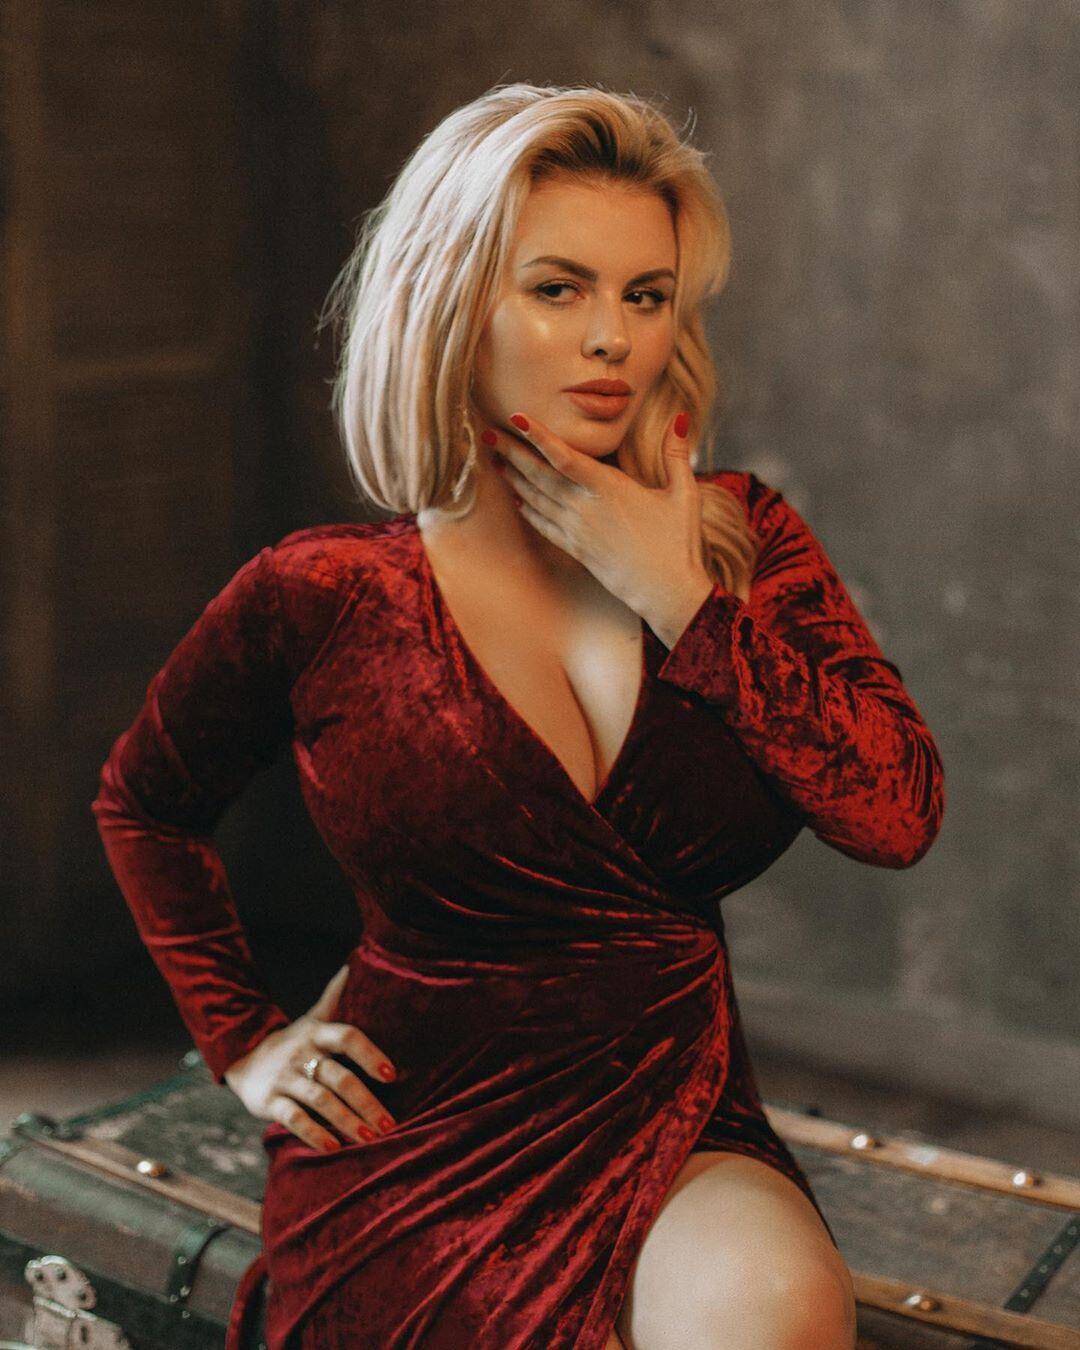 Пышногрудая звезда из РФ восхитила внешностью без макияжа